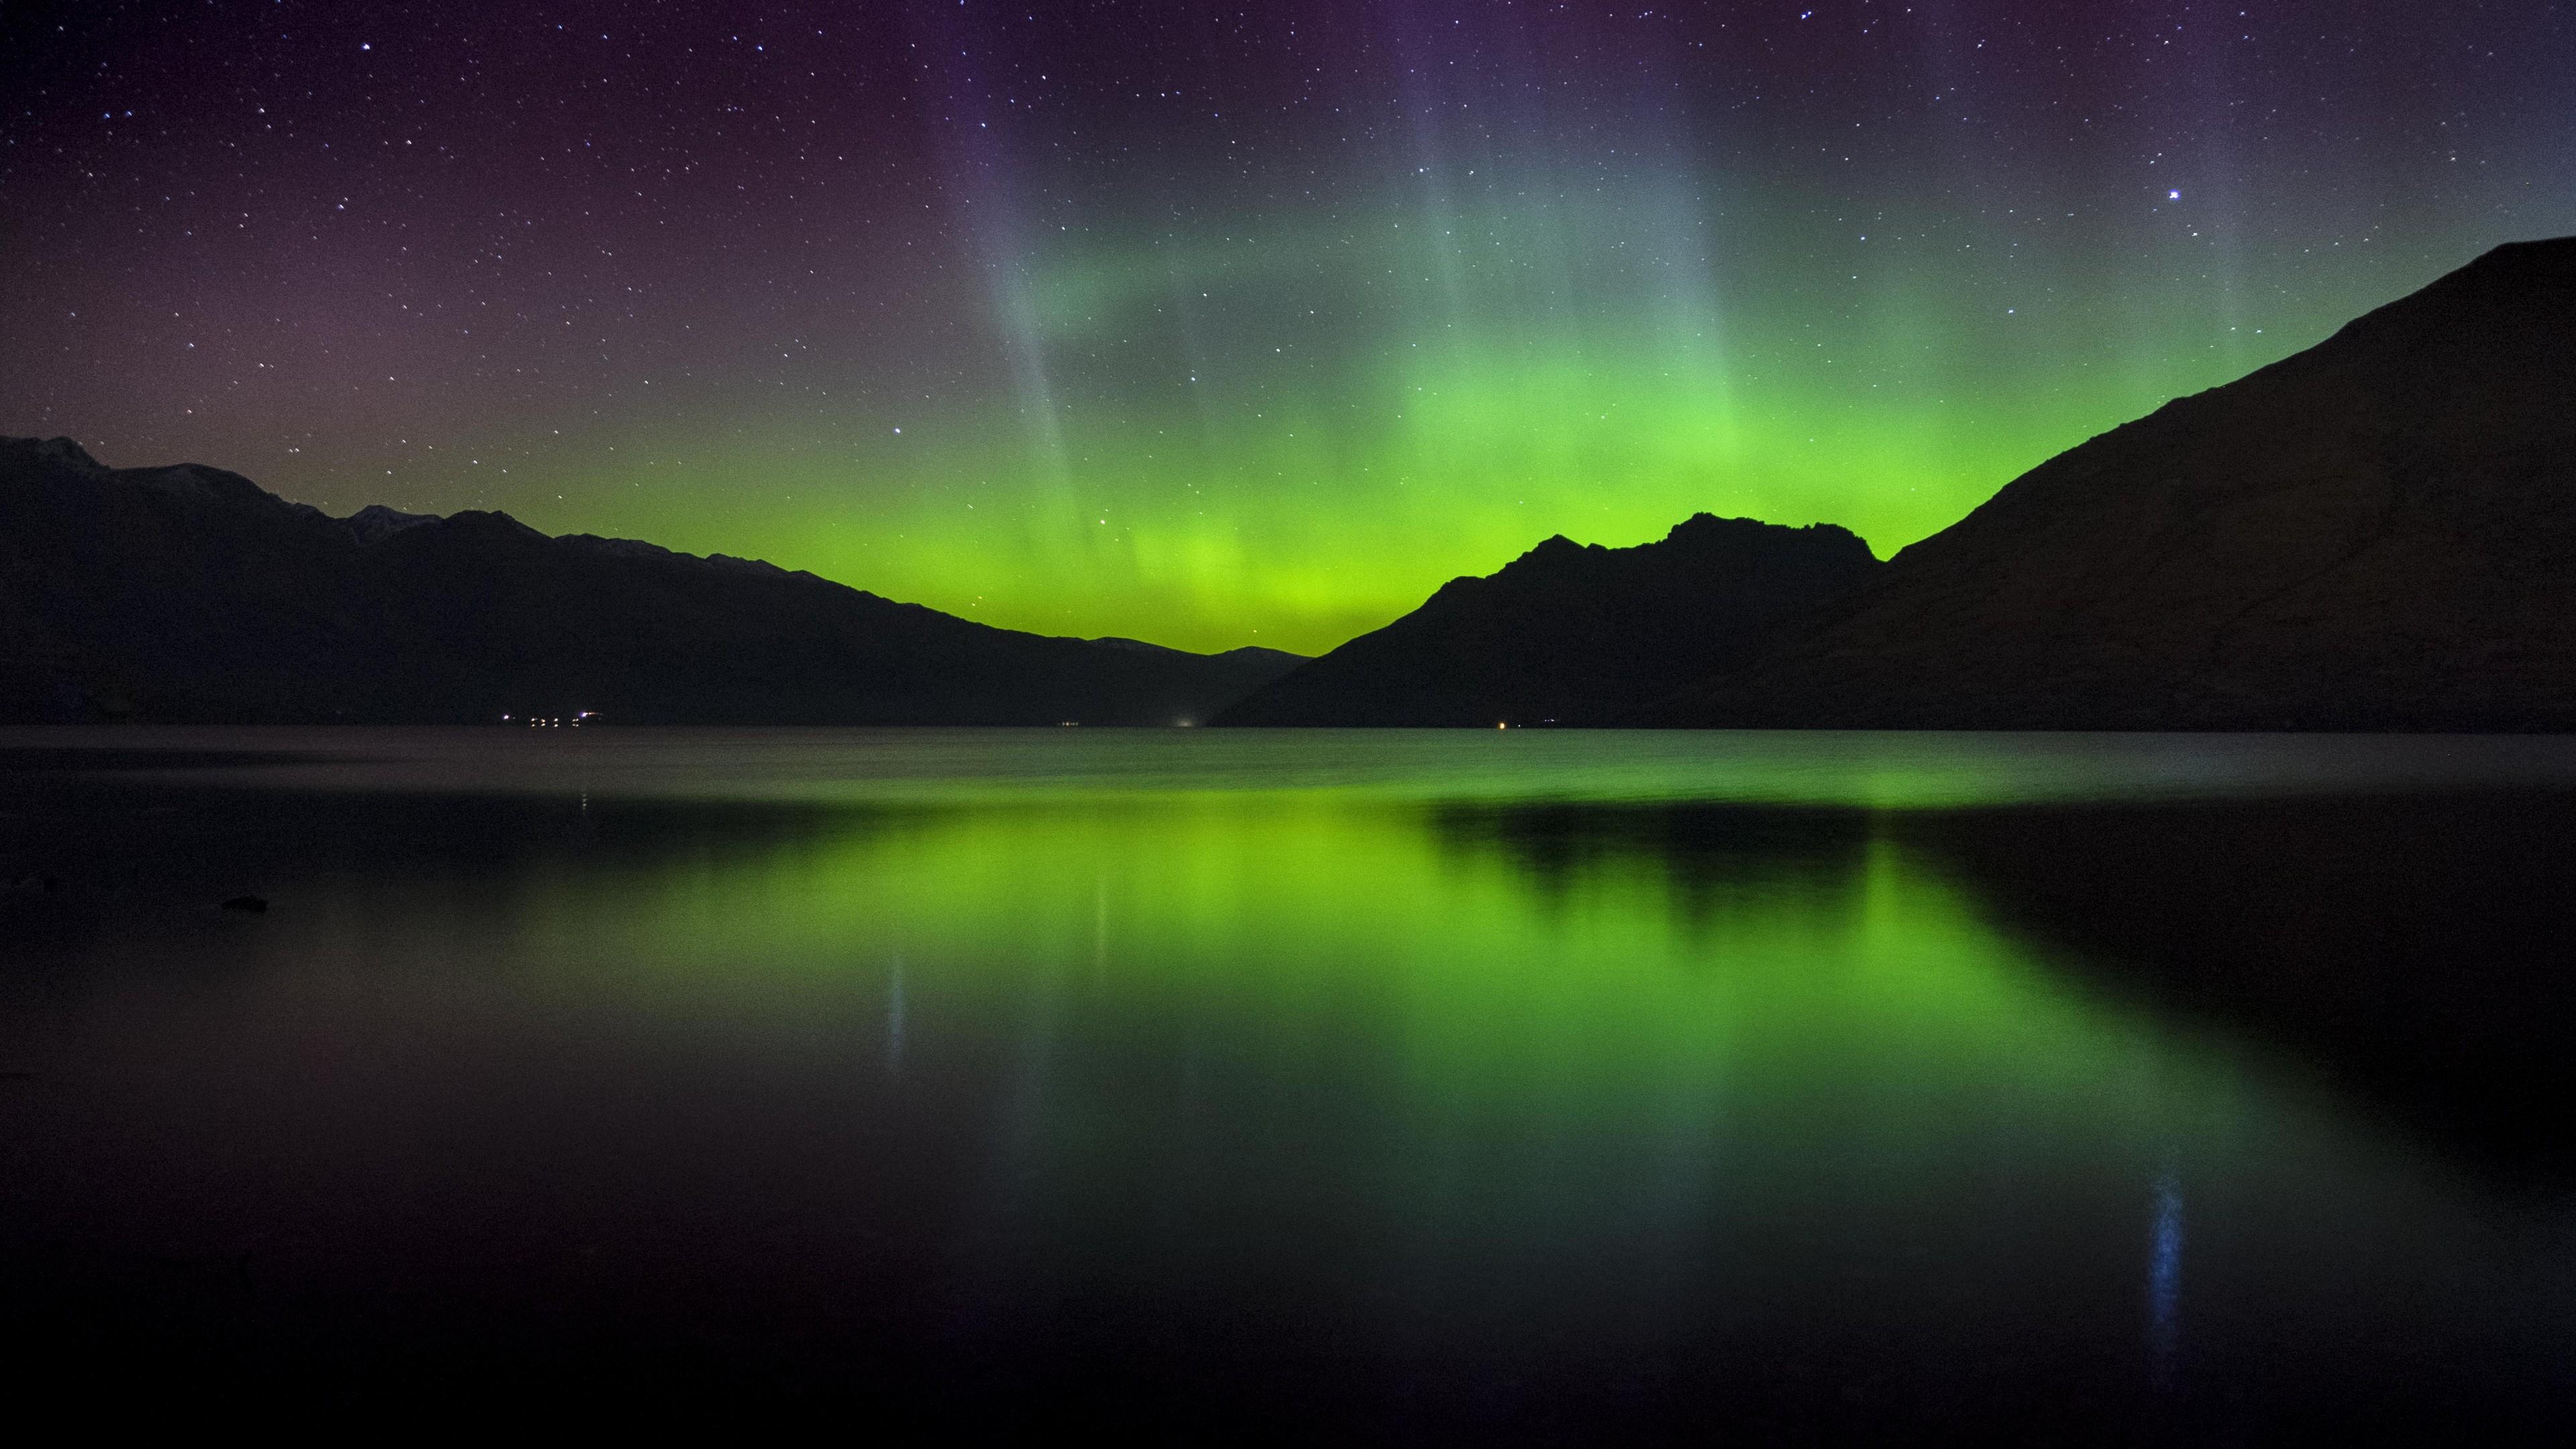 Ночное северное сияние со звездным дождем в горных вершинах и изумрудном озере